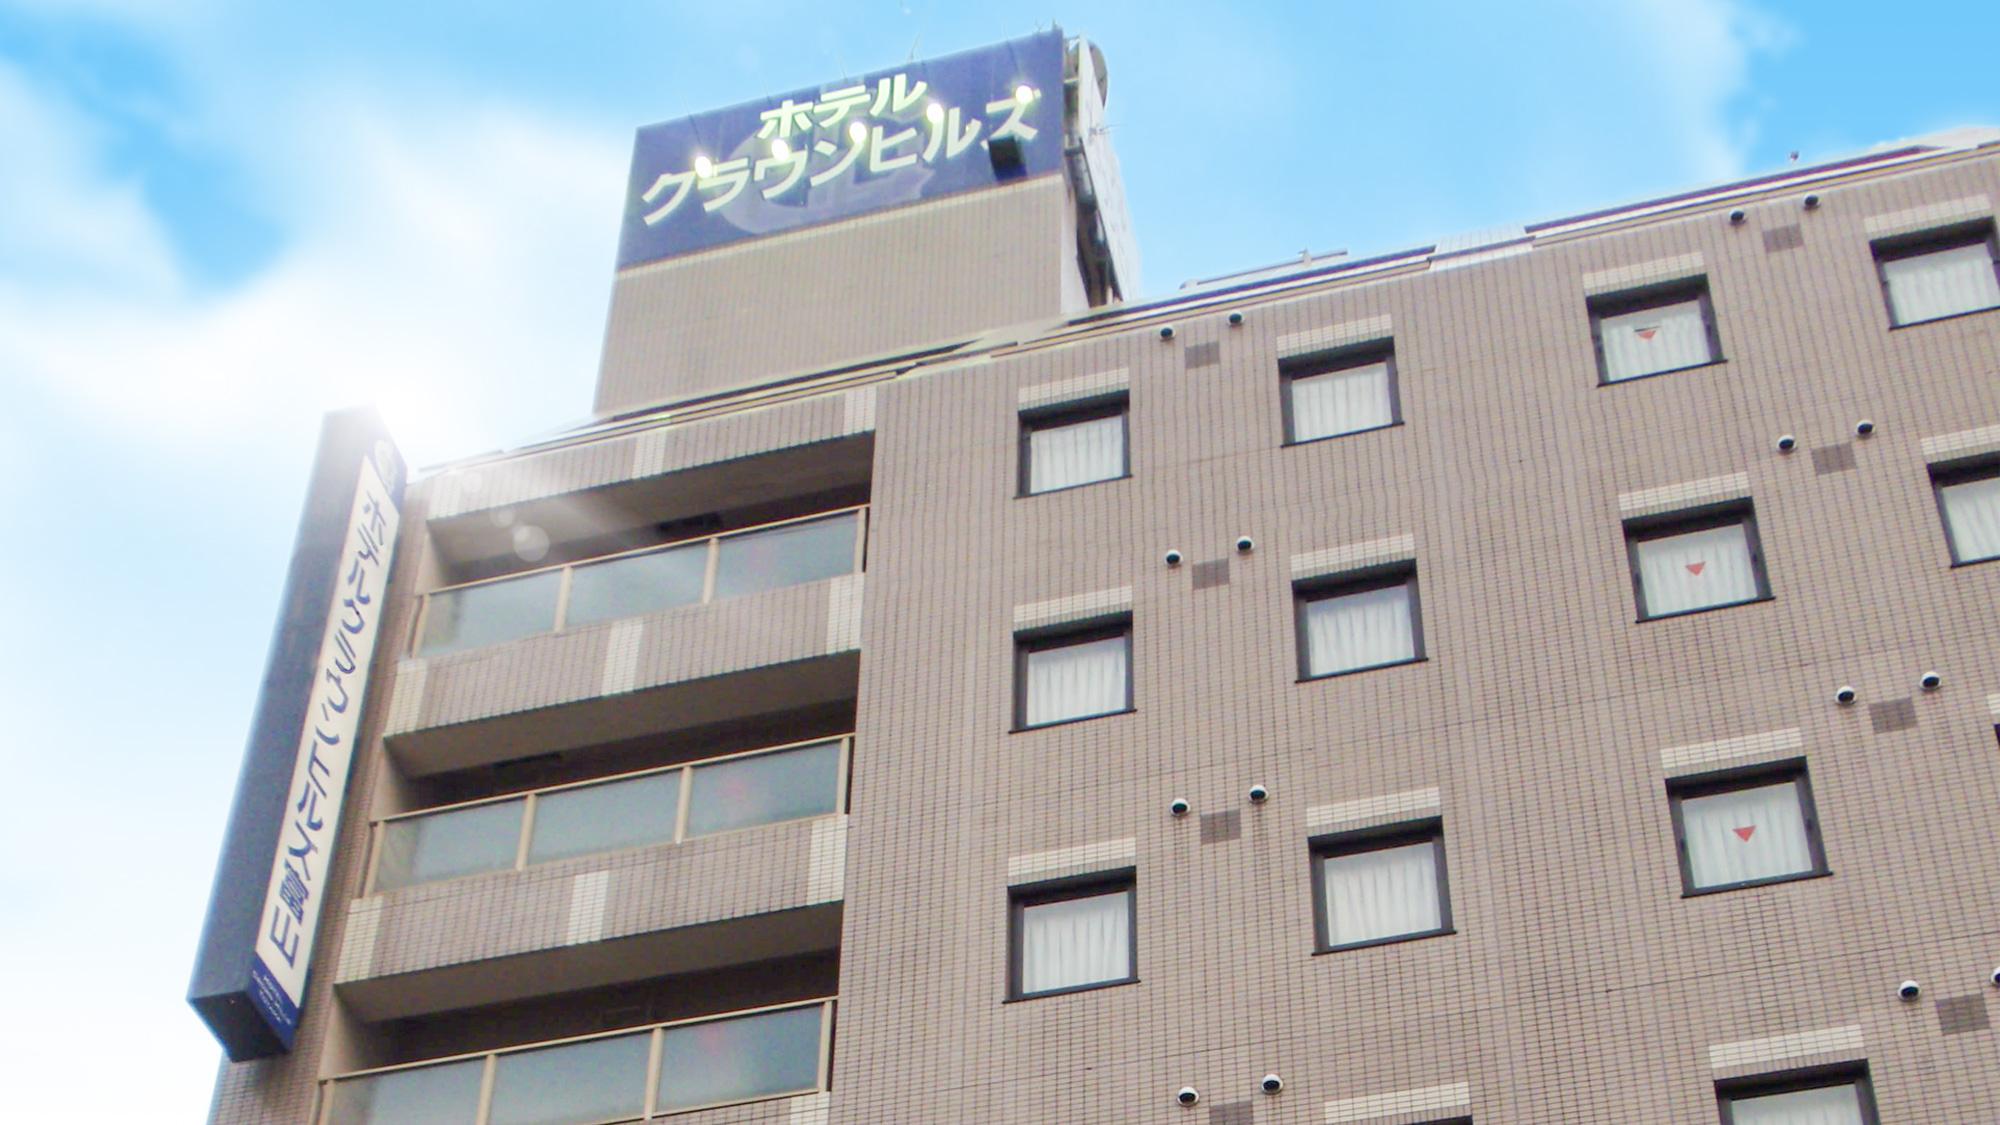 ホテルクラウンヒルズ富山(BBHホテルグループ)